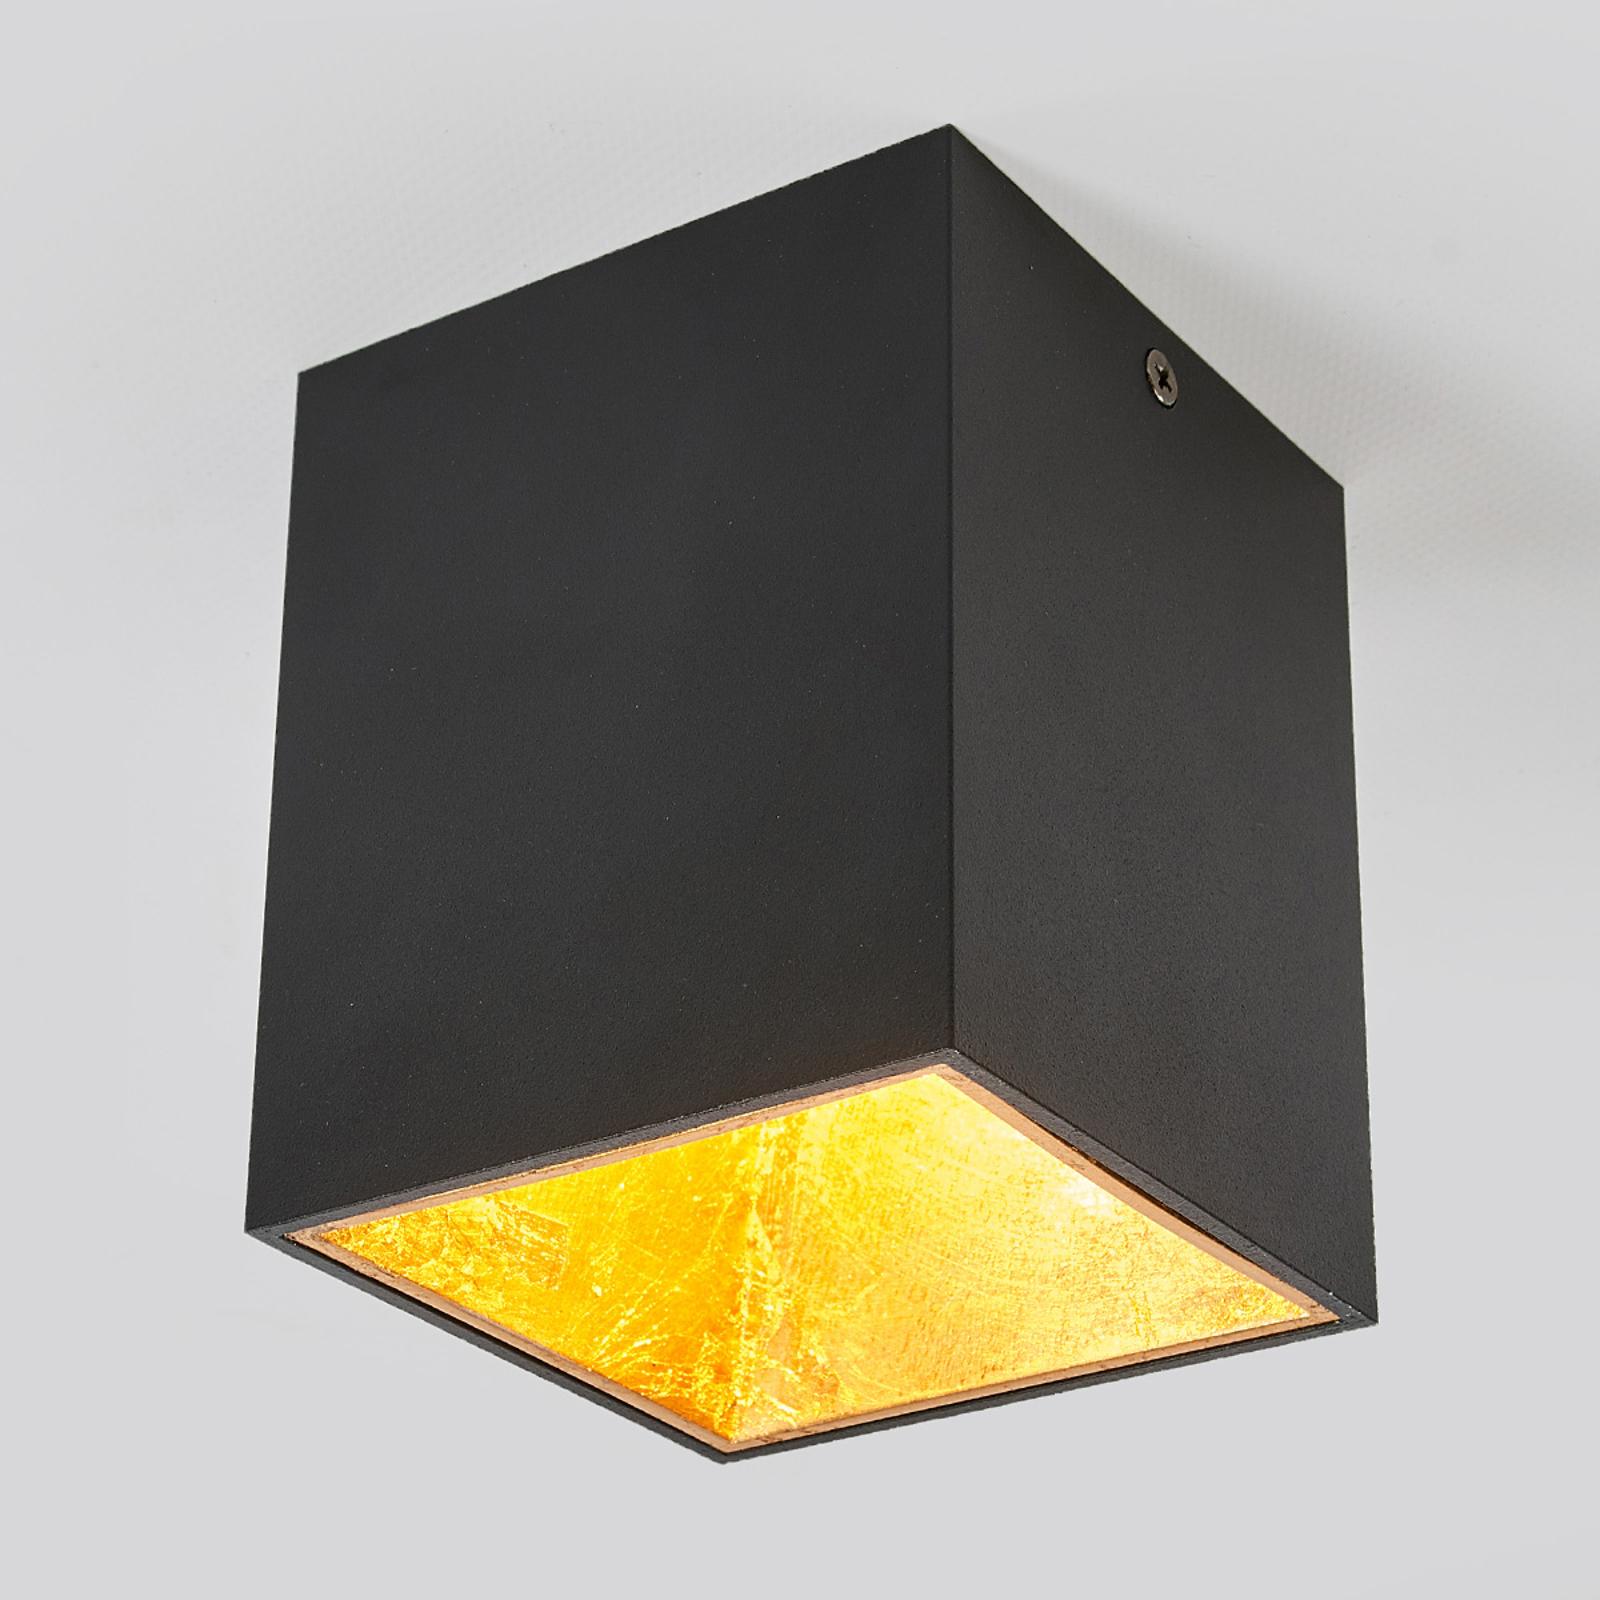 Plafonnier LED Juma en forme de dé, noir-doré